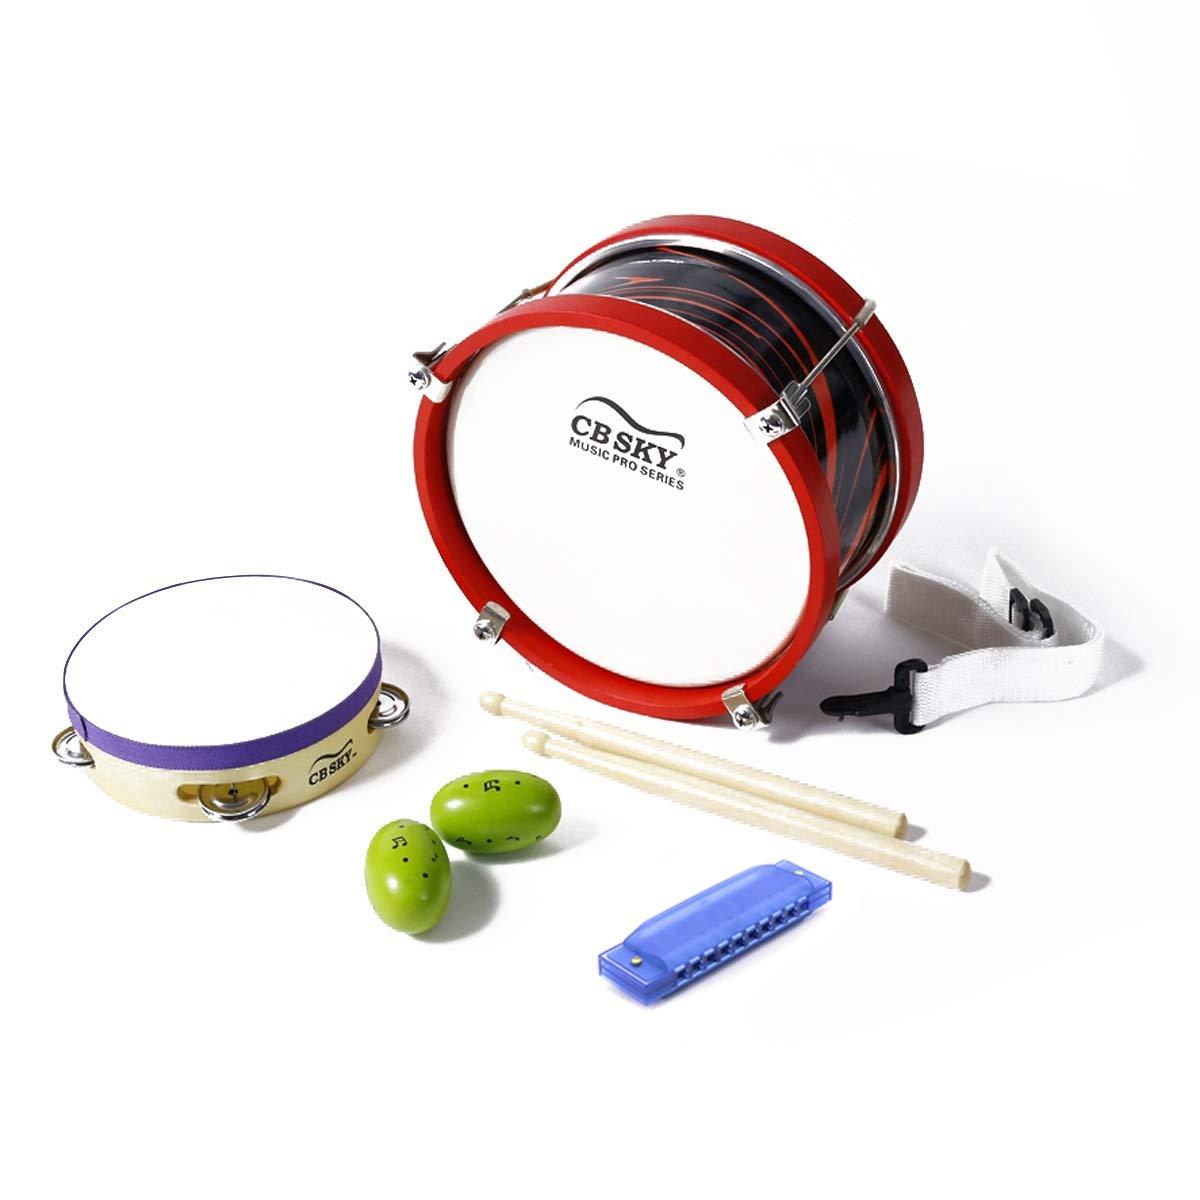 Sin impuestos Colorful XIANGBAO-Instrumento musical Artículos para fiestas de música, juego de de de juguetes para niños pequeños (7 piezas) con tambor de marcha, pandereta, batidor de huevos, armónica para preescolar, educativo  Disfruta de un 50% de descuento.